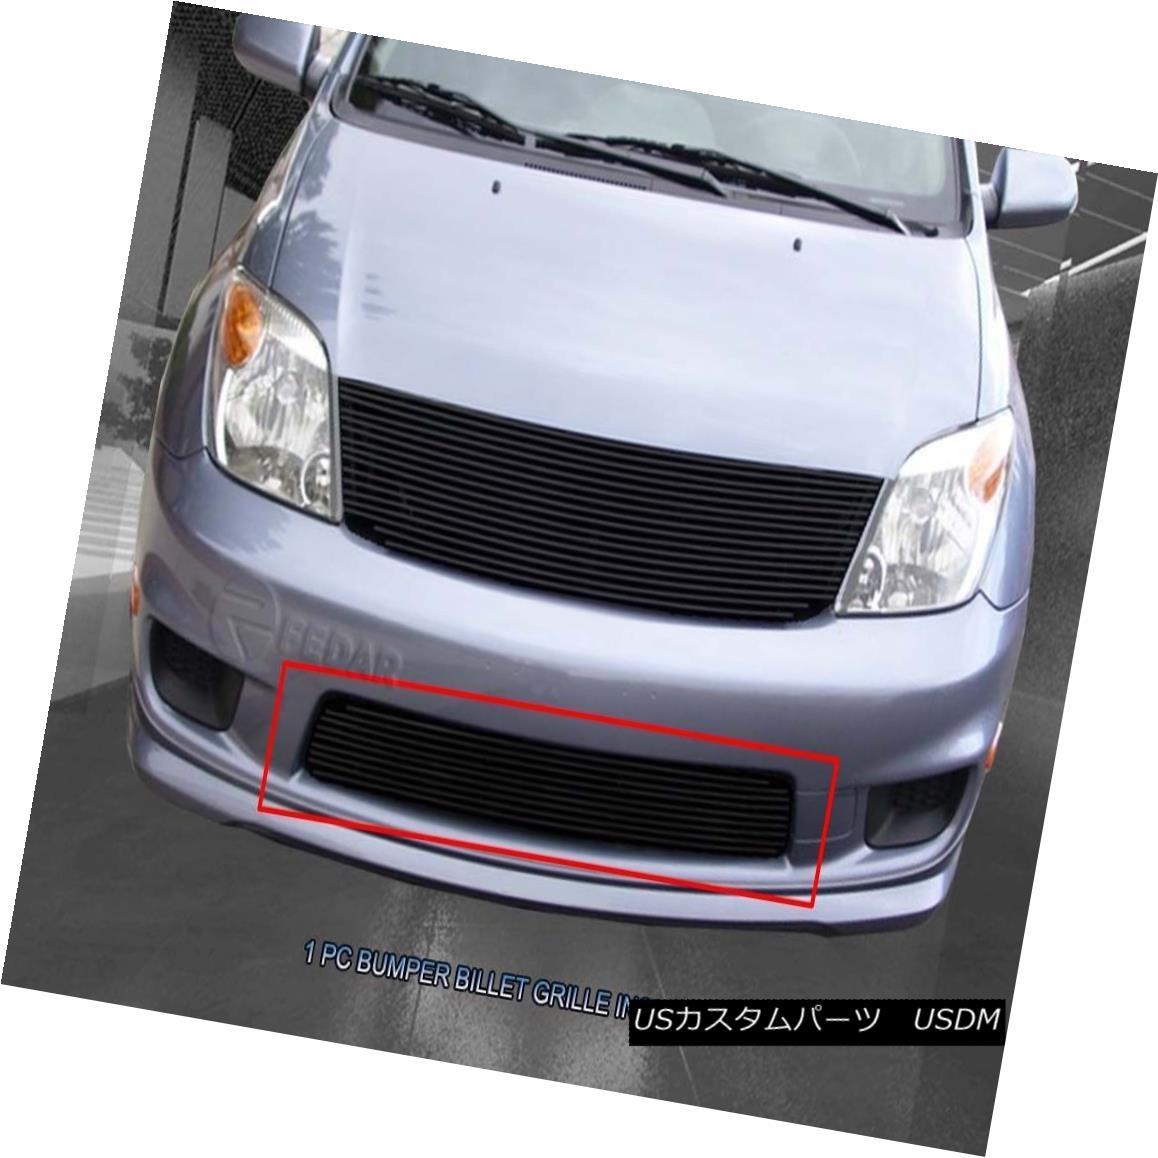 グリル For 2003-2007 Scion XA Black Bolt-On Billet Grill Bumper Grill Insert Fedar 2003-2007シオンXAブラックボルトオンビレットグリルバンパーグリルインサートFedar用